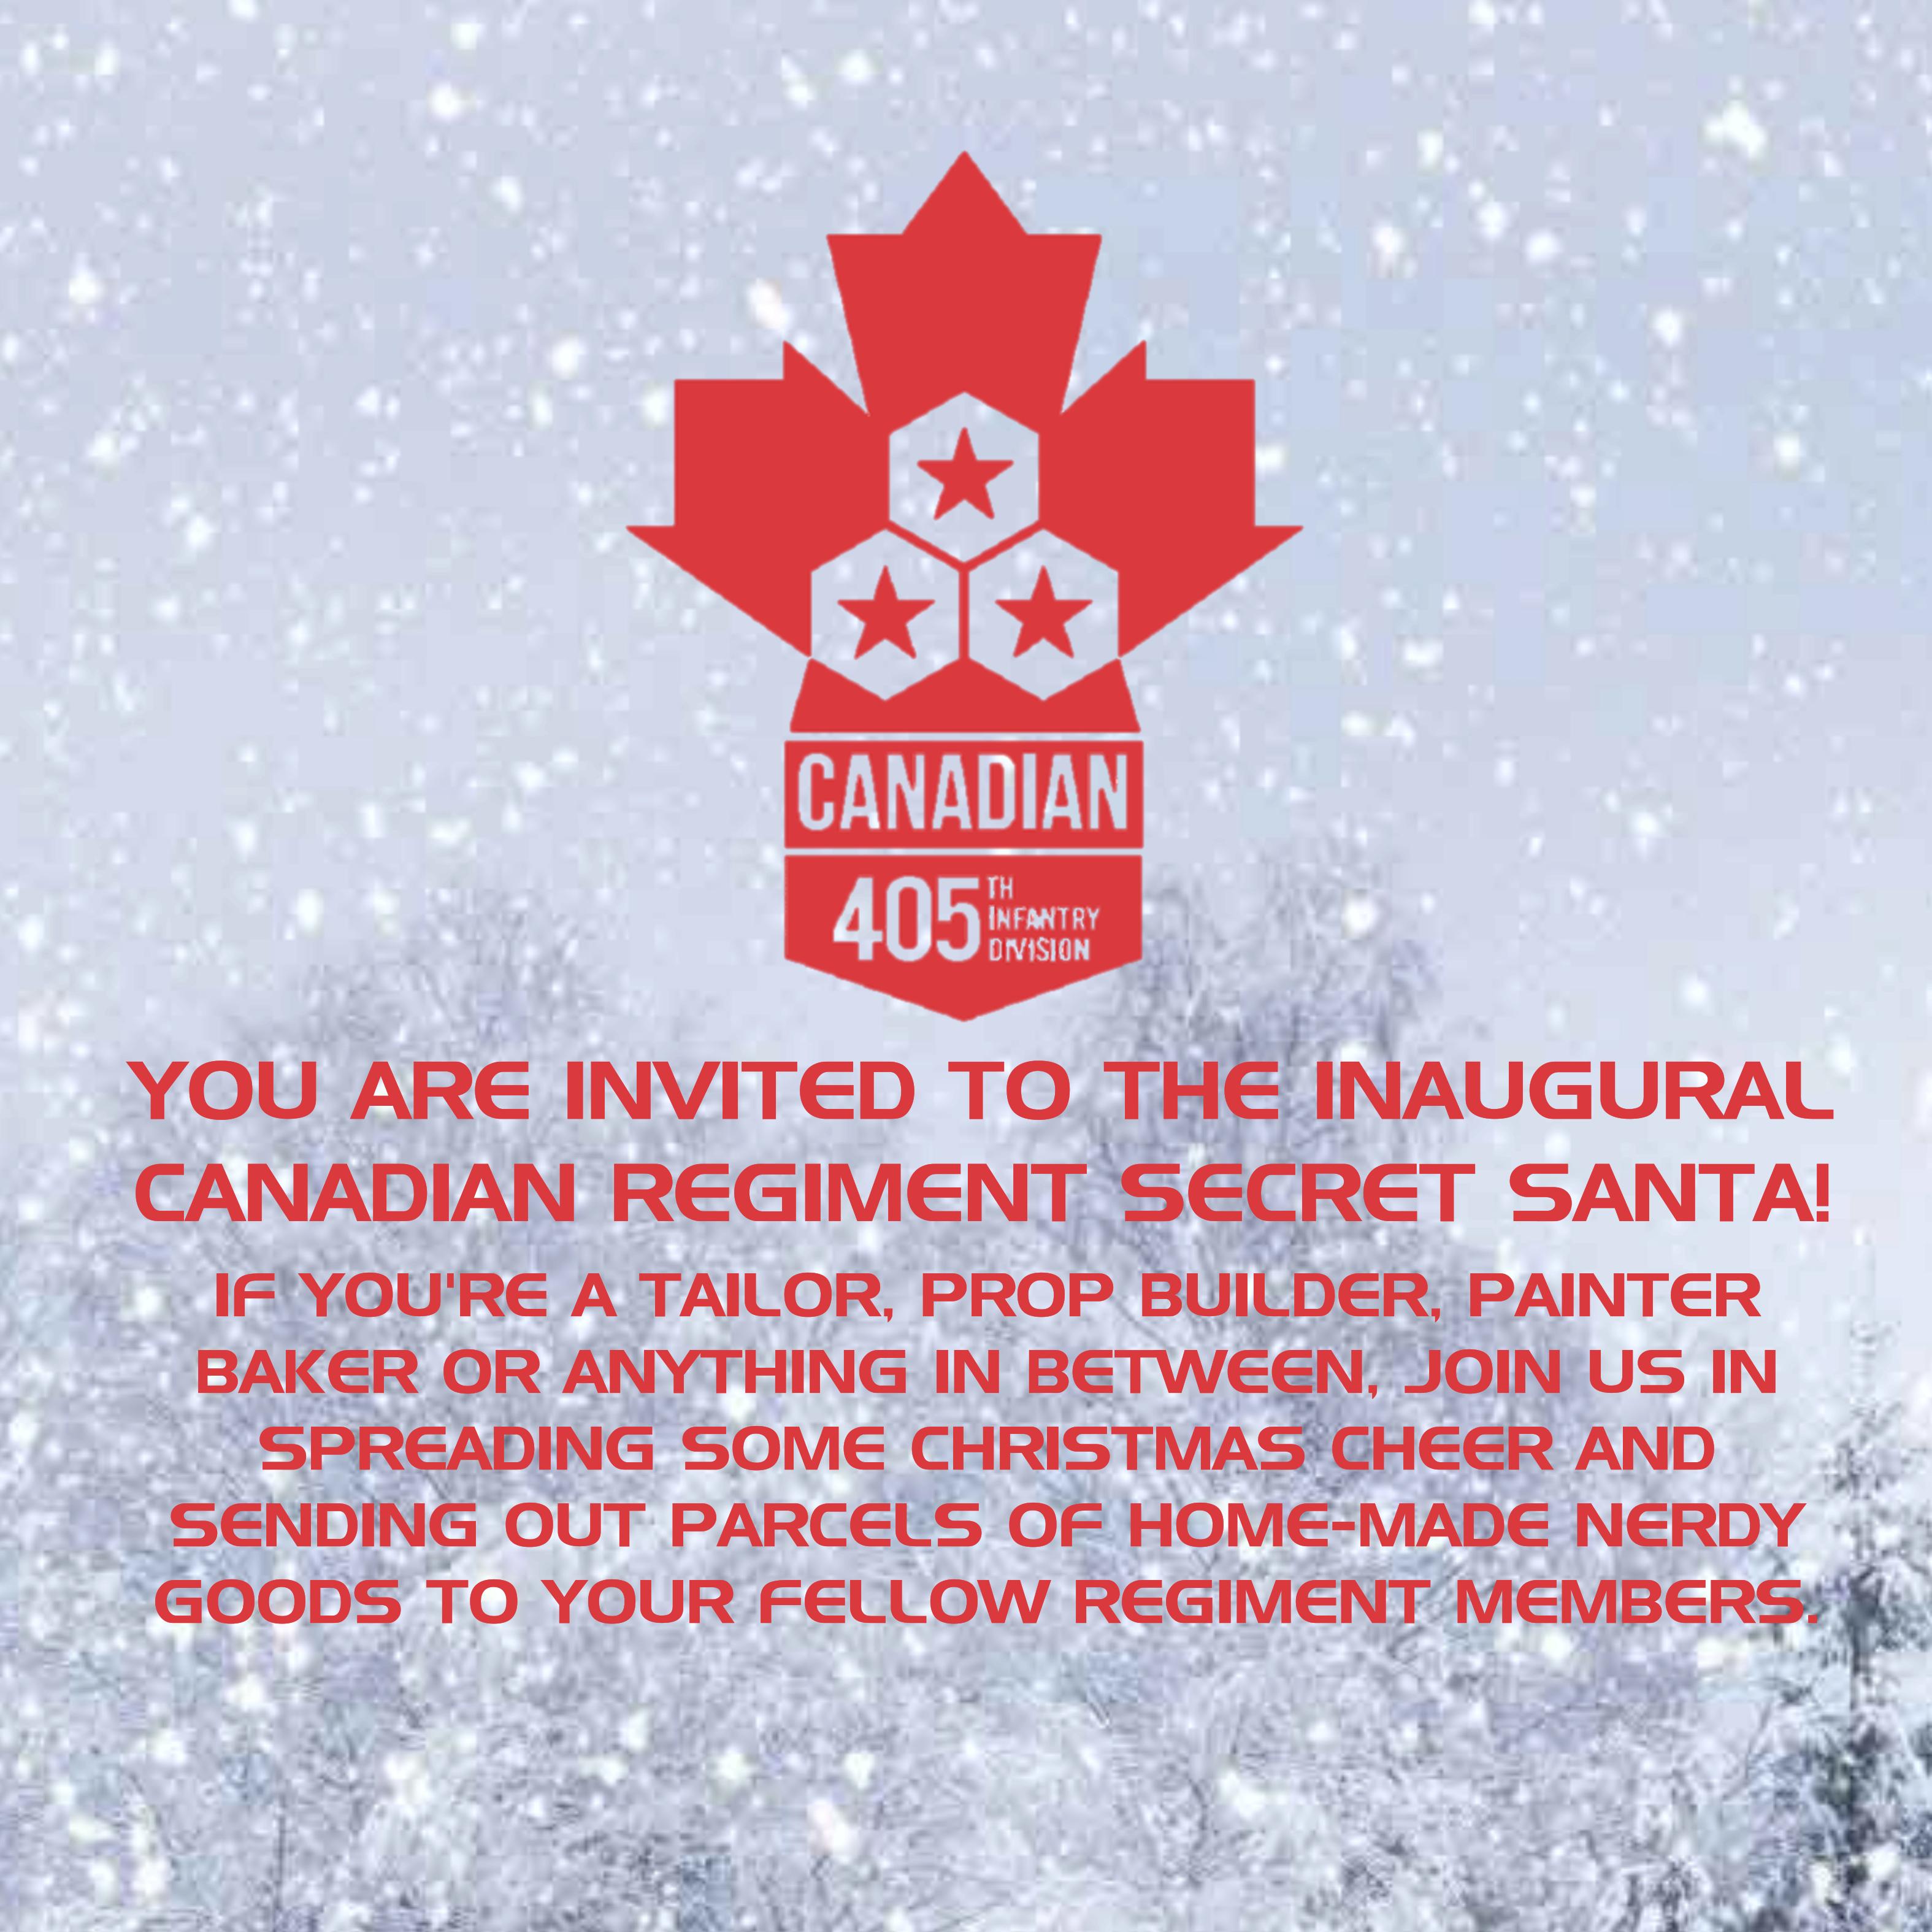 CanadianRegiment Secret Santa.png